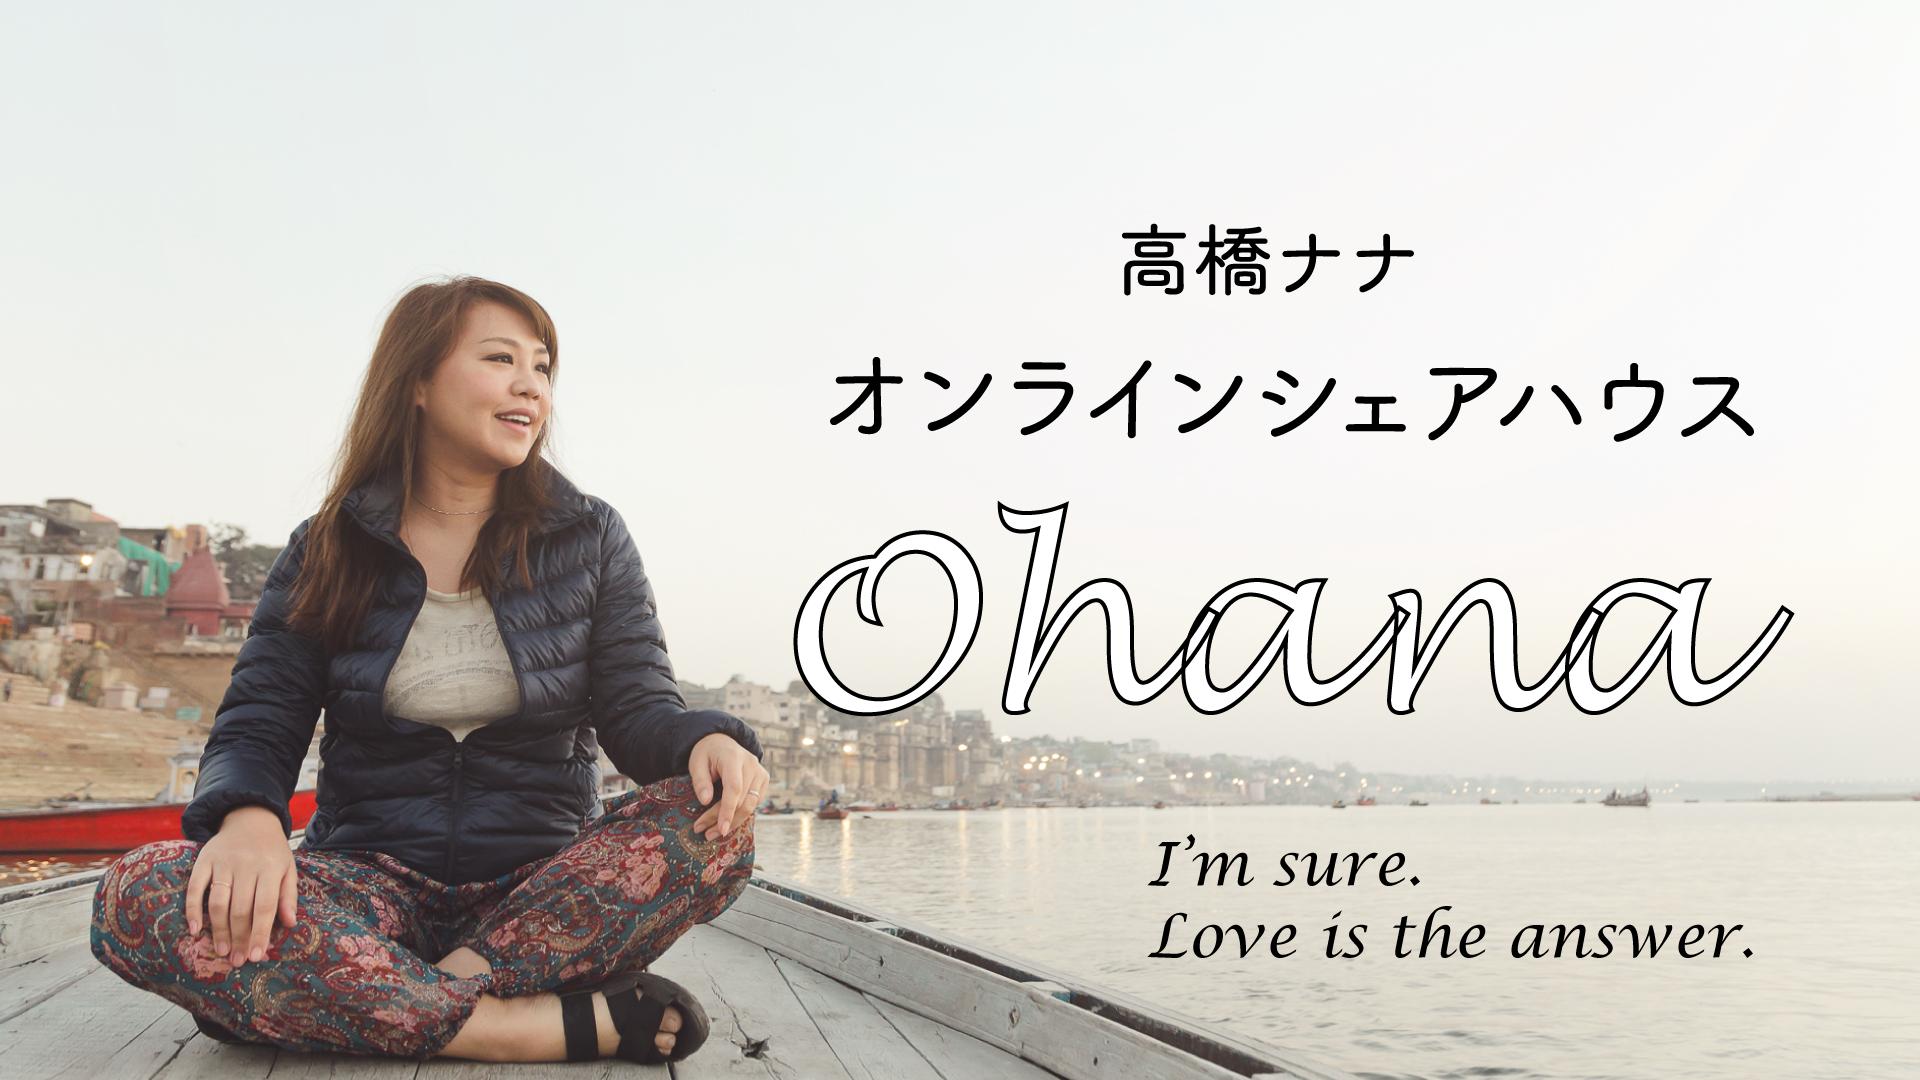 高橋ナナ - 高橋ナナのオンラインシェアハウス Ohana - DMM オンラインサロン